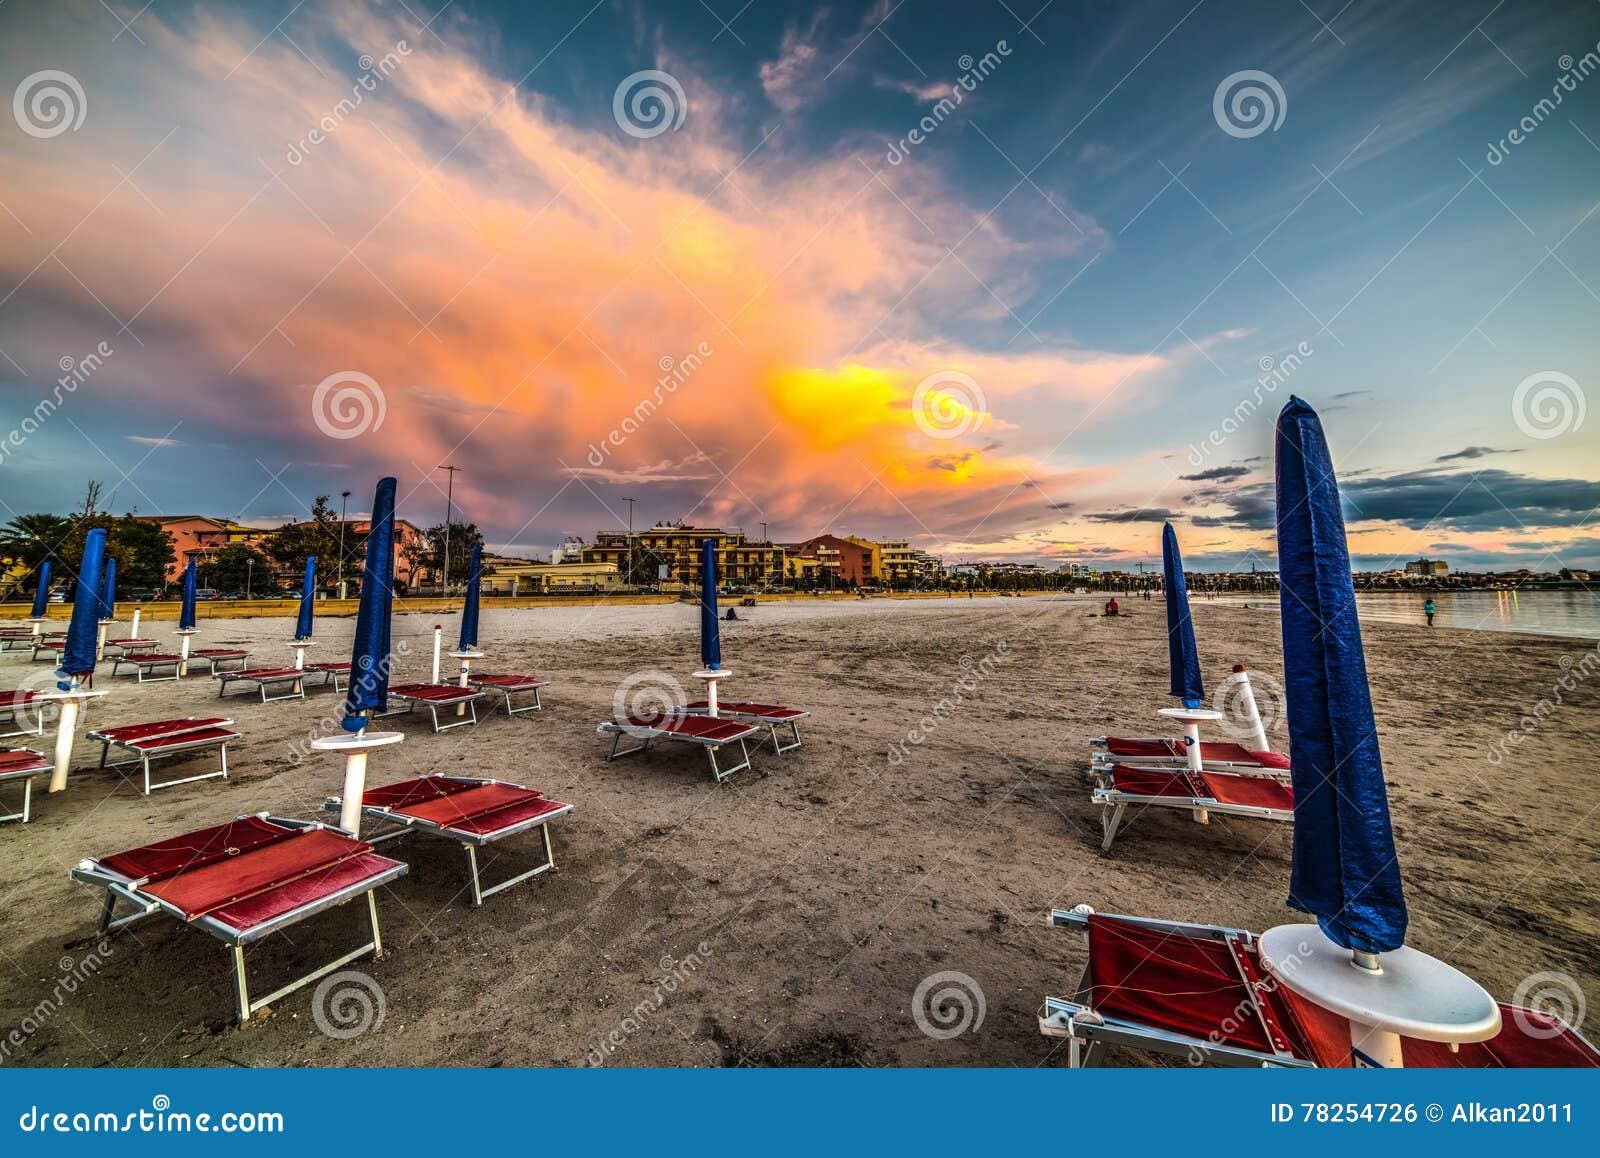 Κόκκινες καρέκλες και μπλε parasol στο σούρουπο